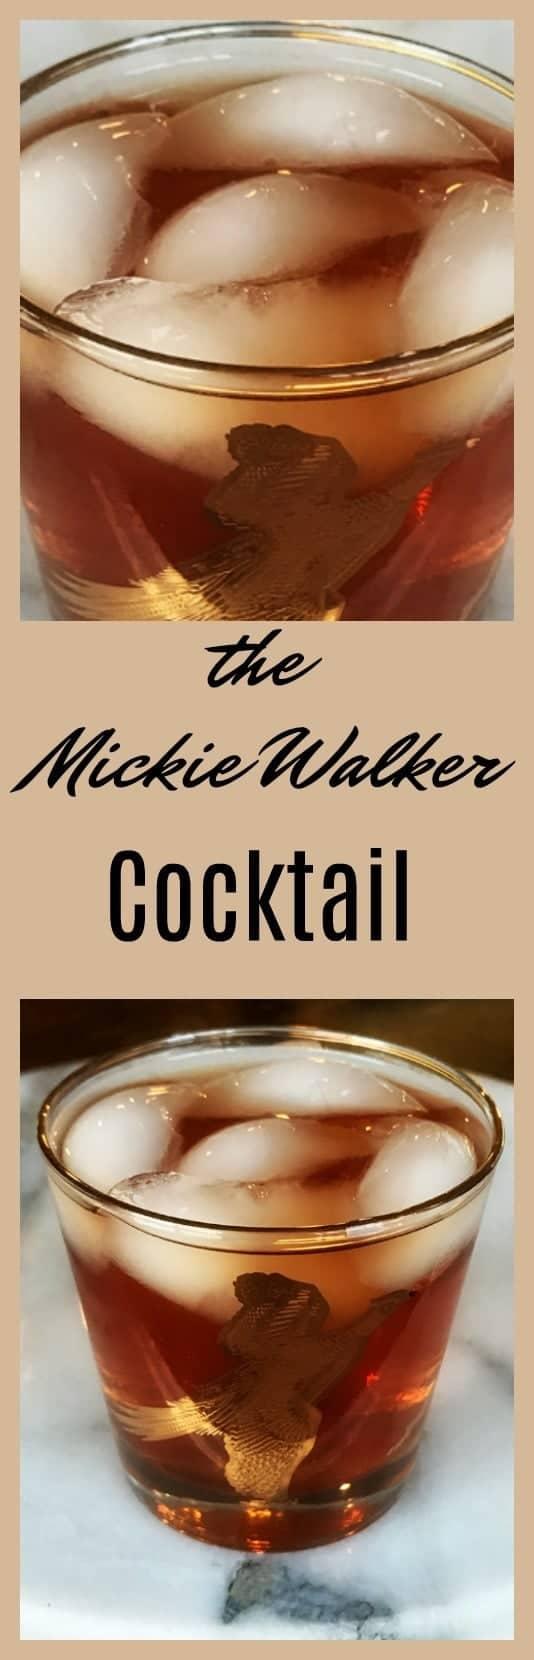 the mickie walker